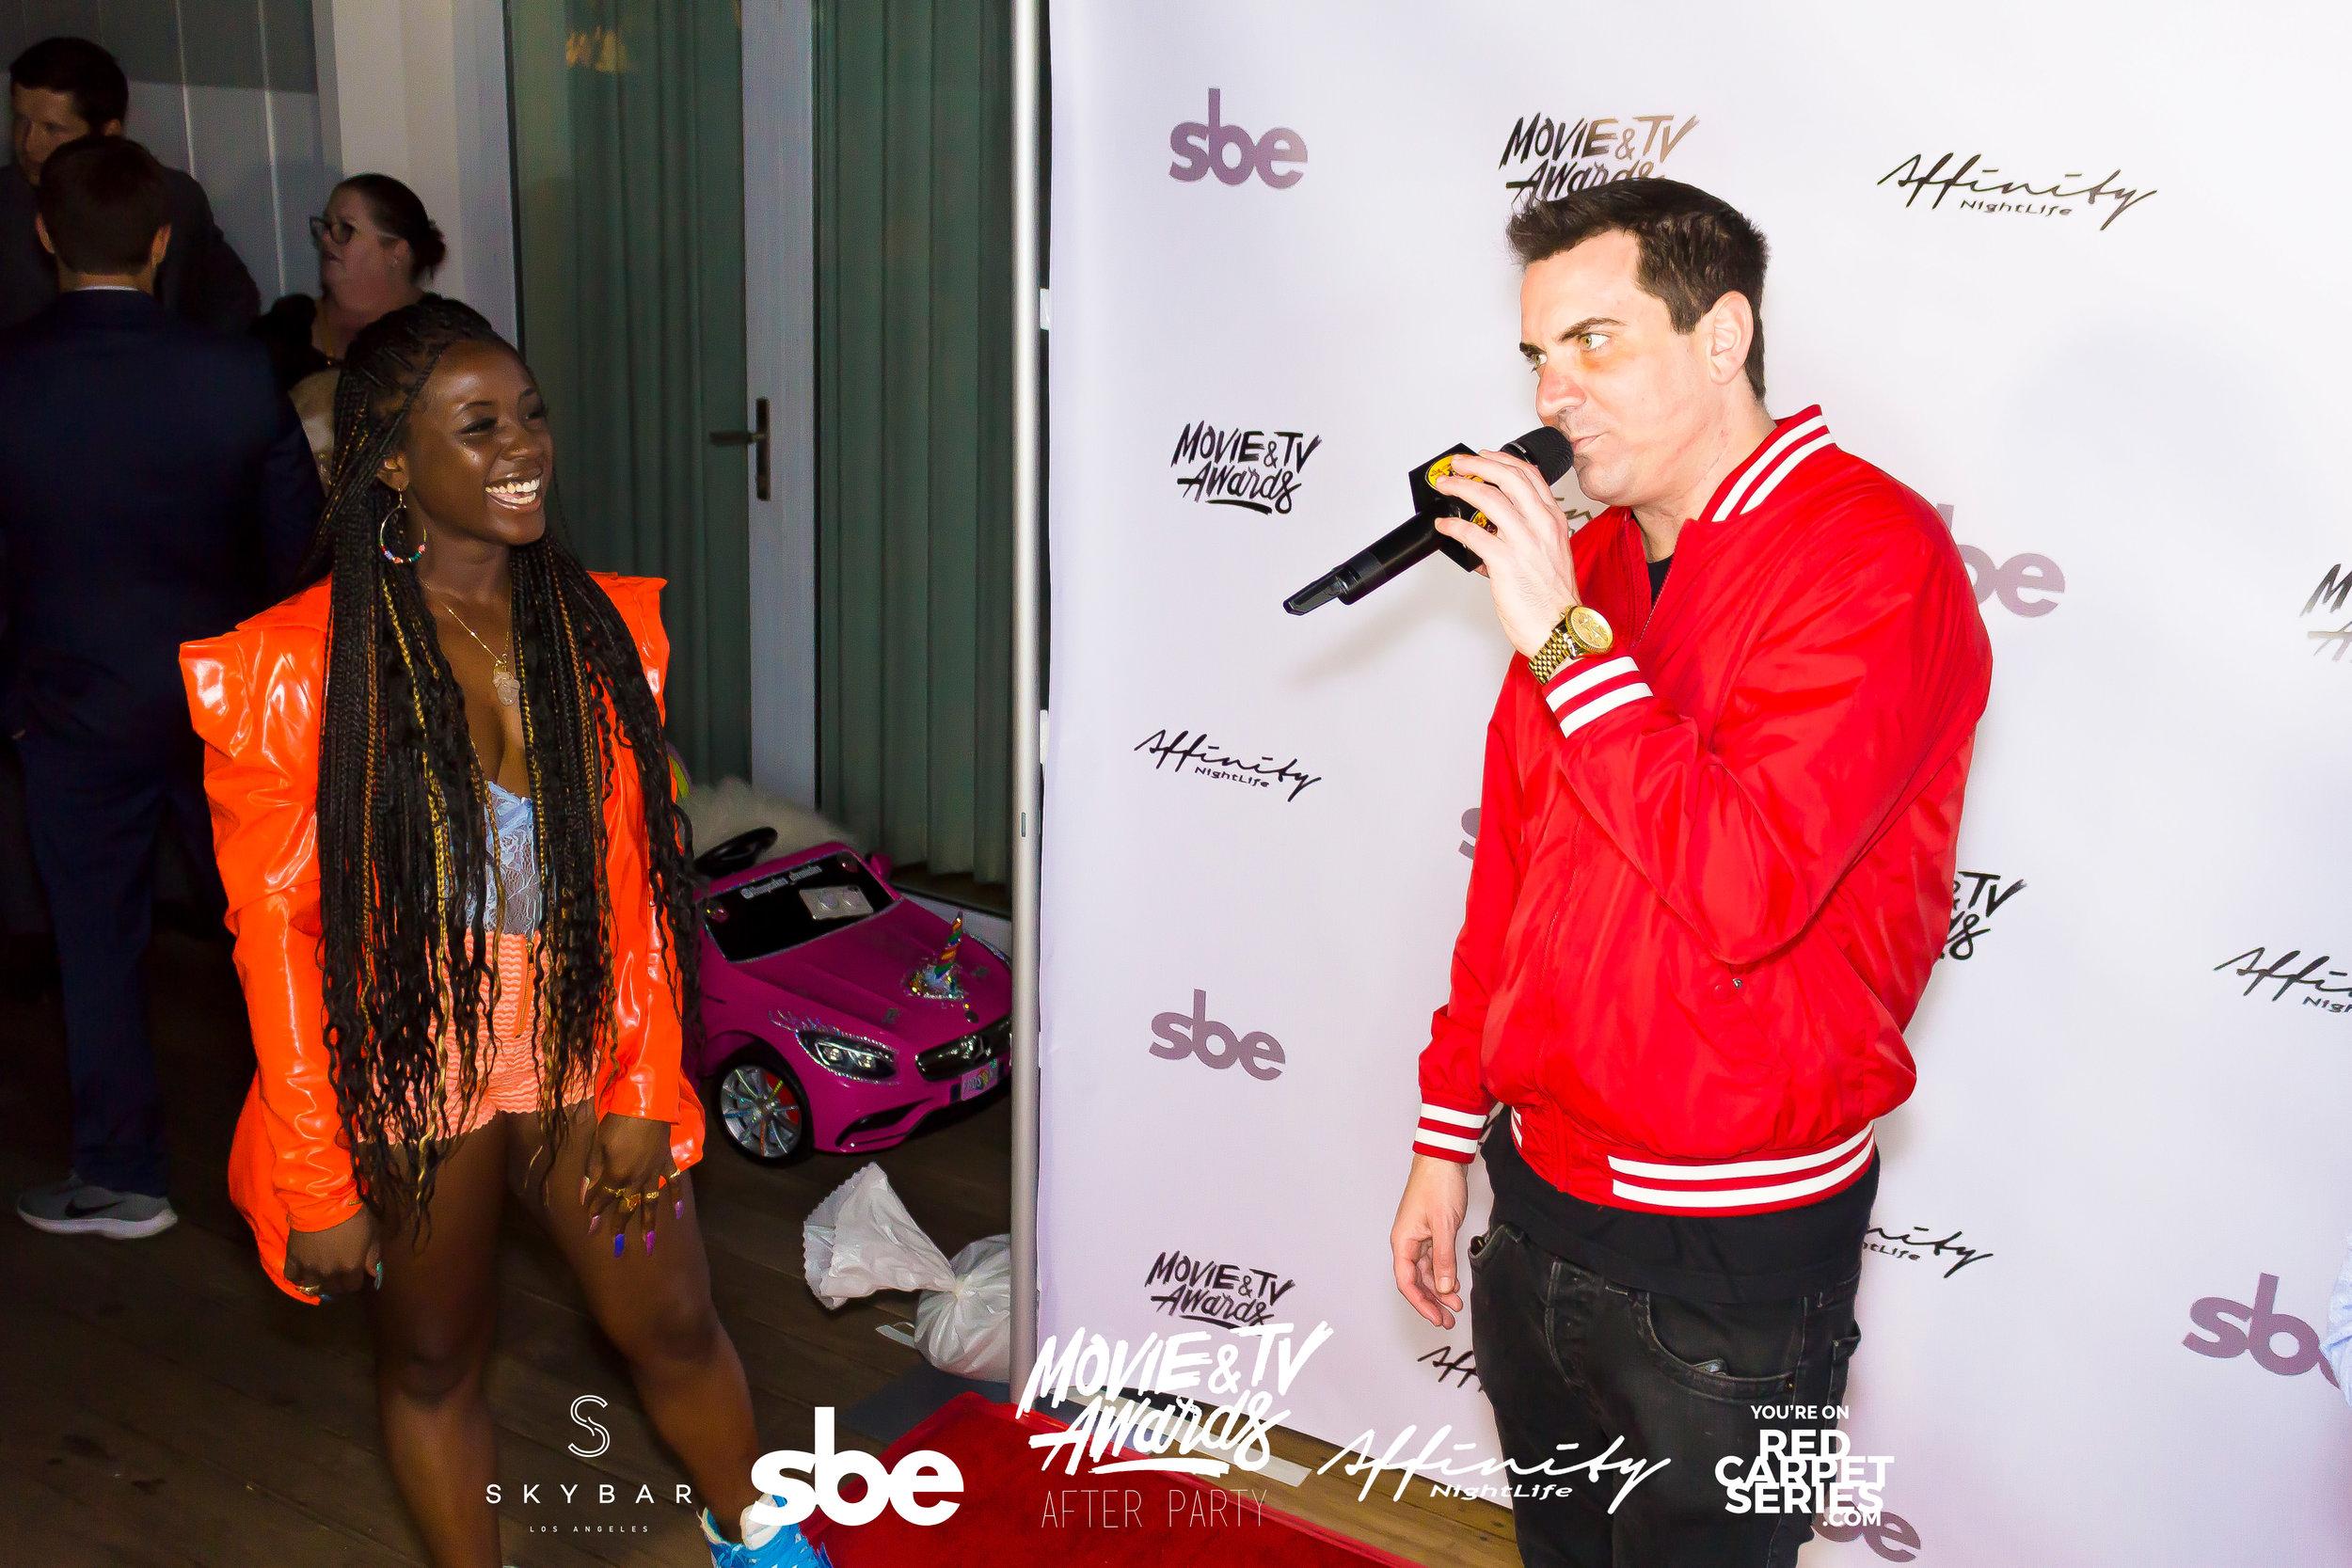 Affinity Nightlife MTV Movie & TV Awards After Party - Skybar at Mondrian - 06-15-19 - Vol. 1_155.jpg